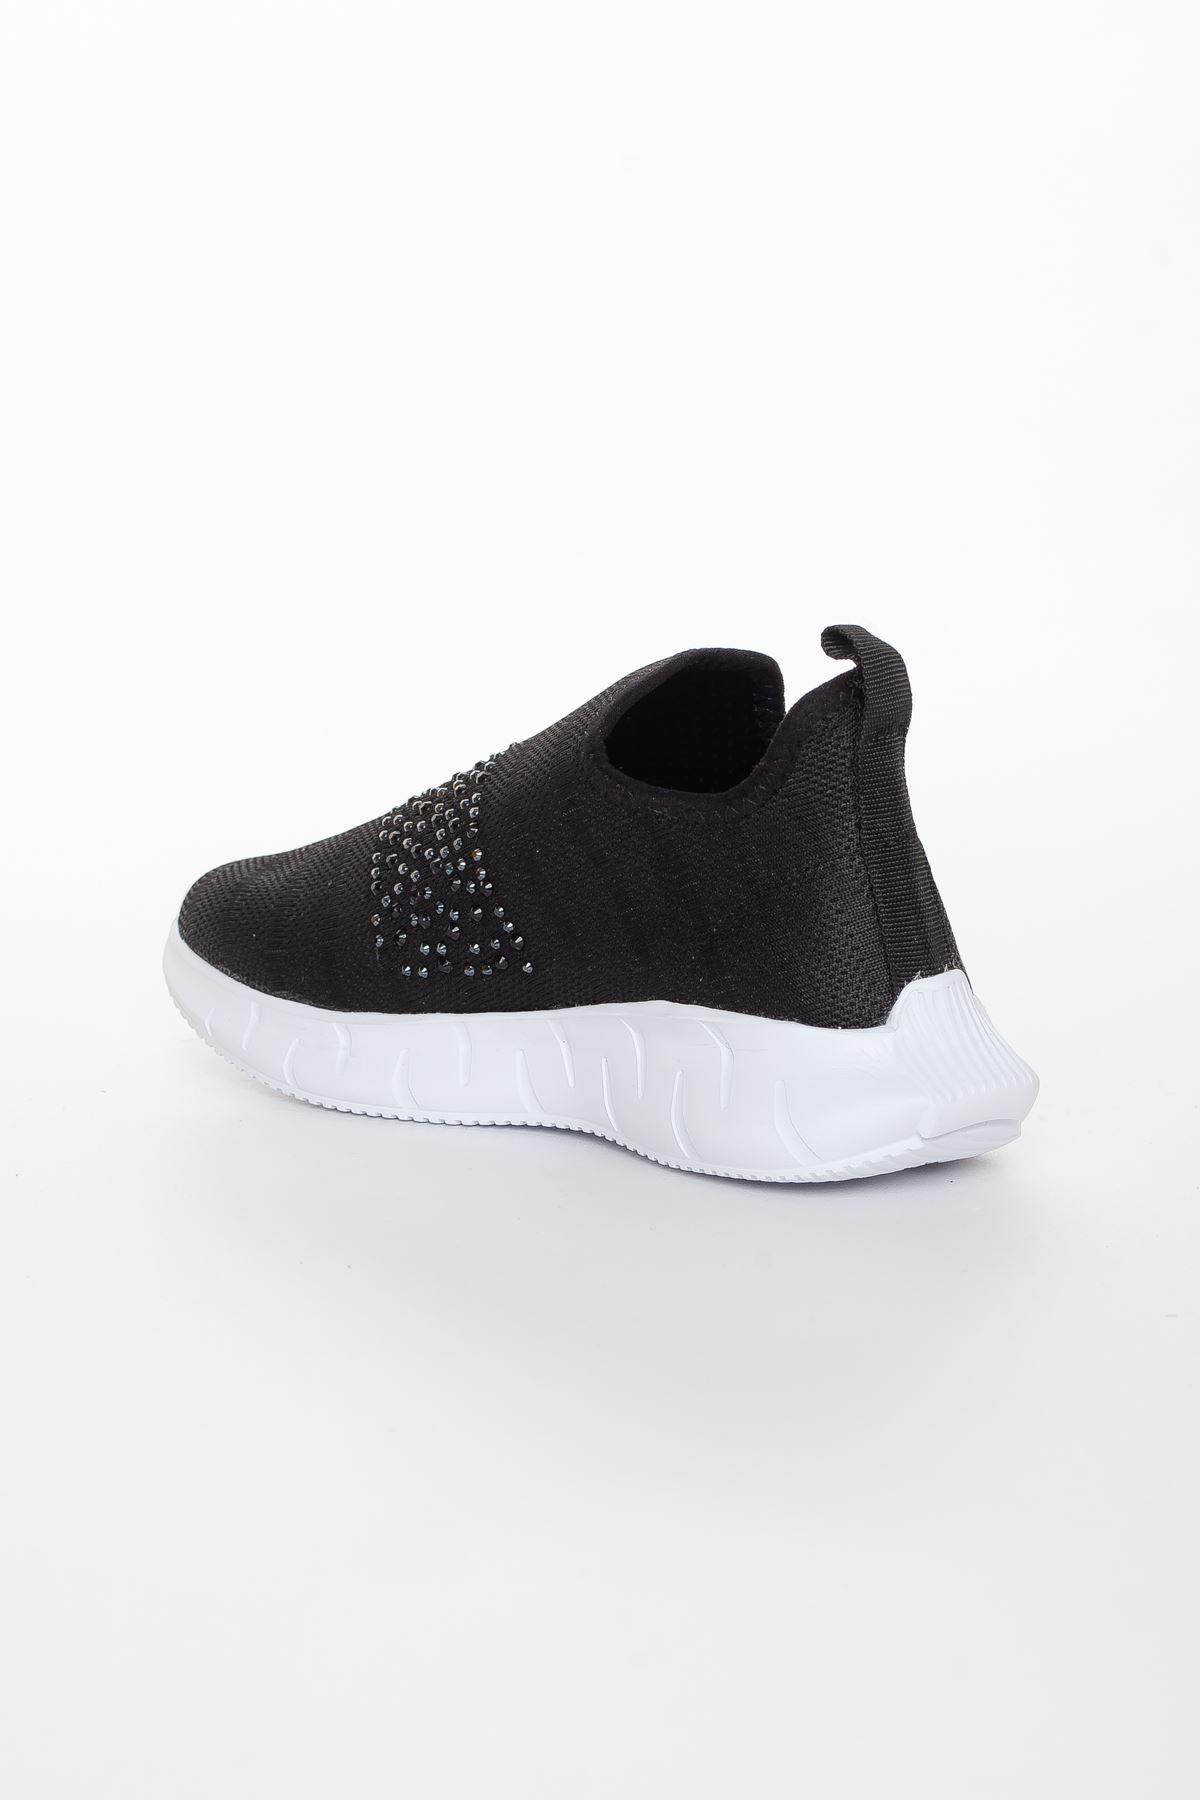 Jonger Spor Ayakkabı SIYAH